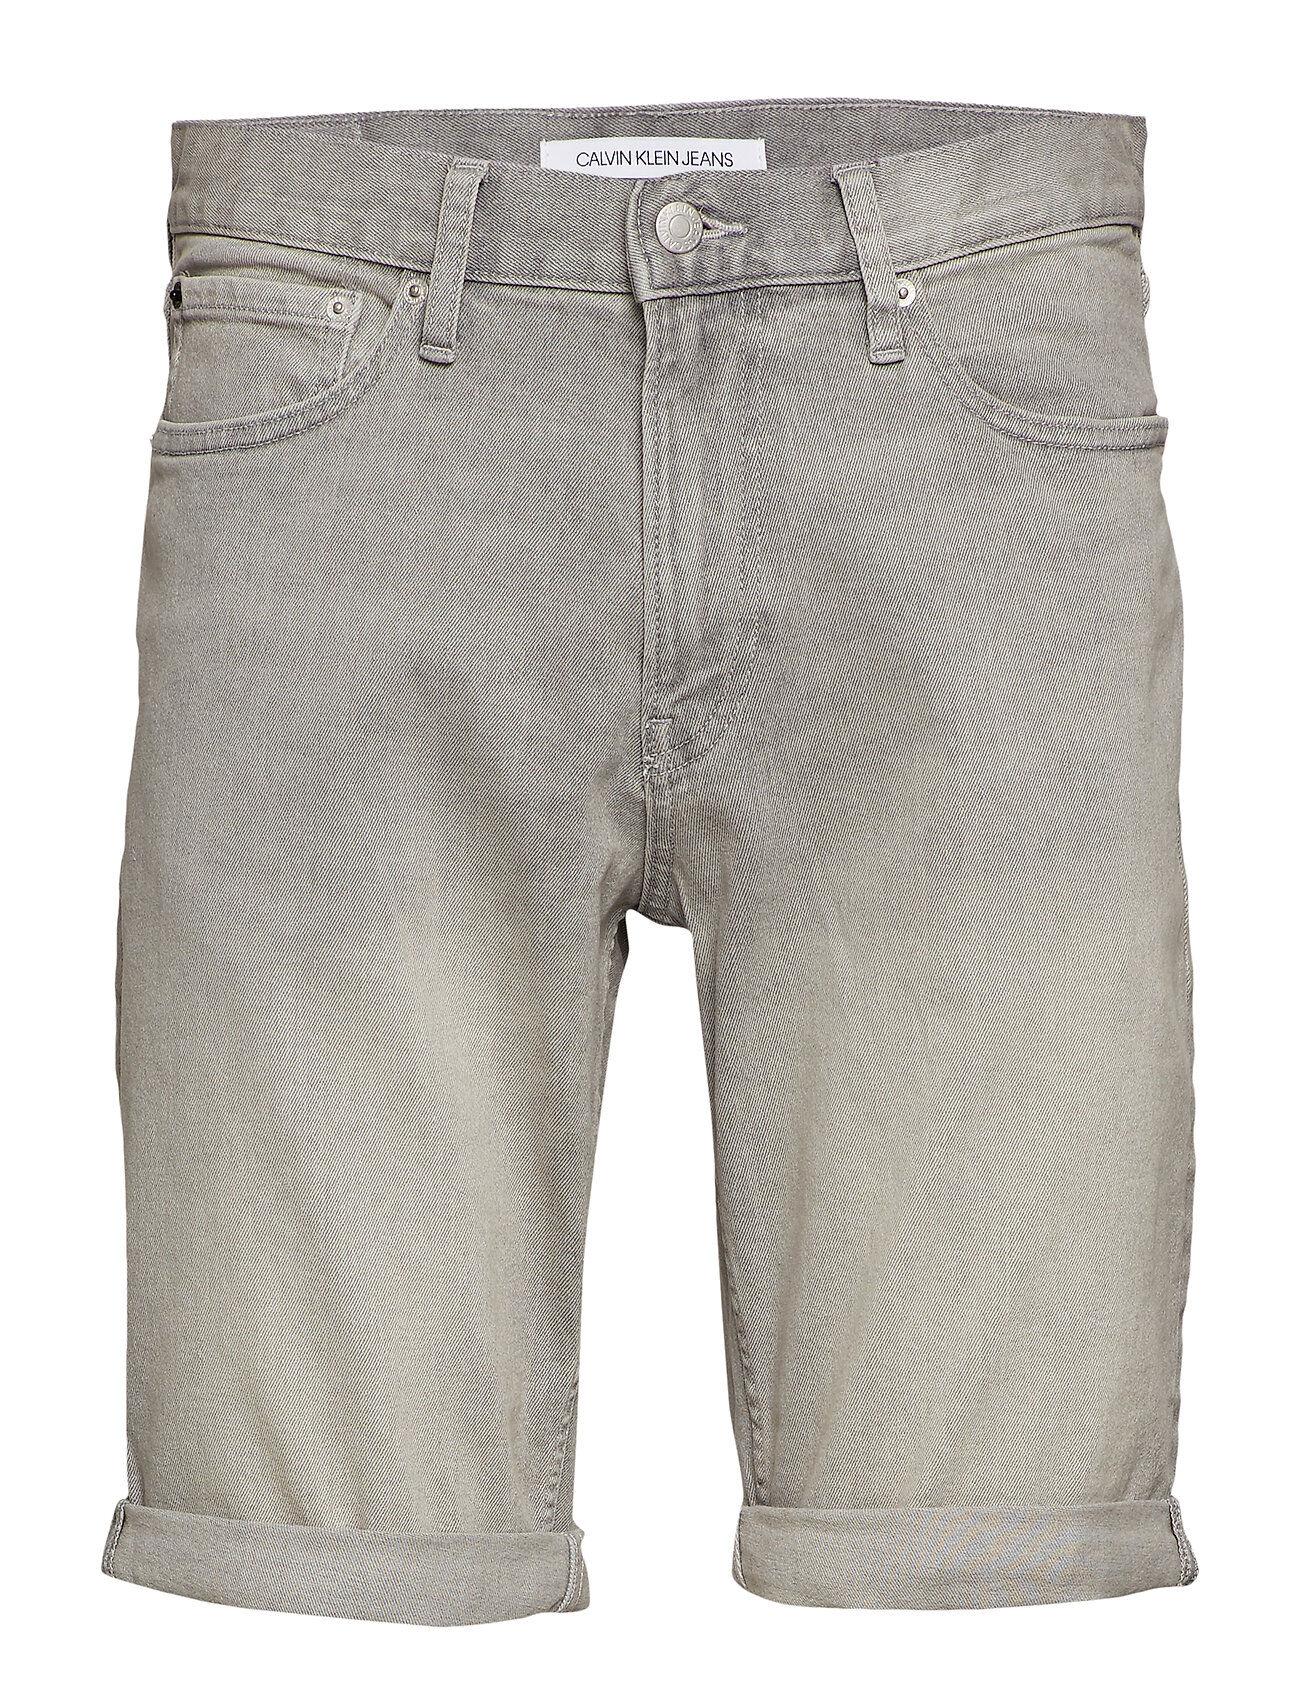 Image of Calvin Slim Short Farkkushortsit Denimshortsit Harmaa Calvin Klein Jeans